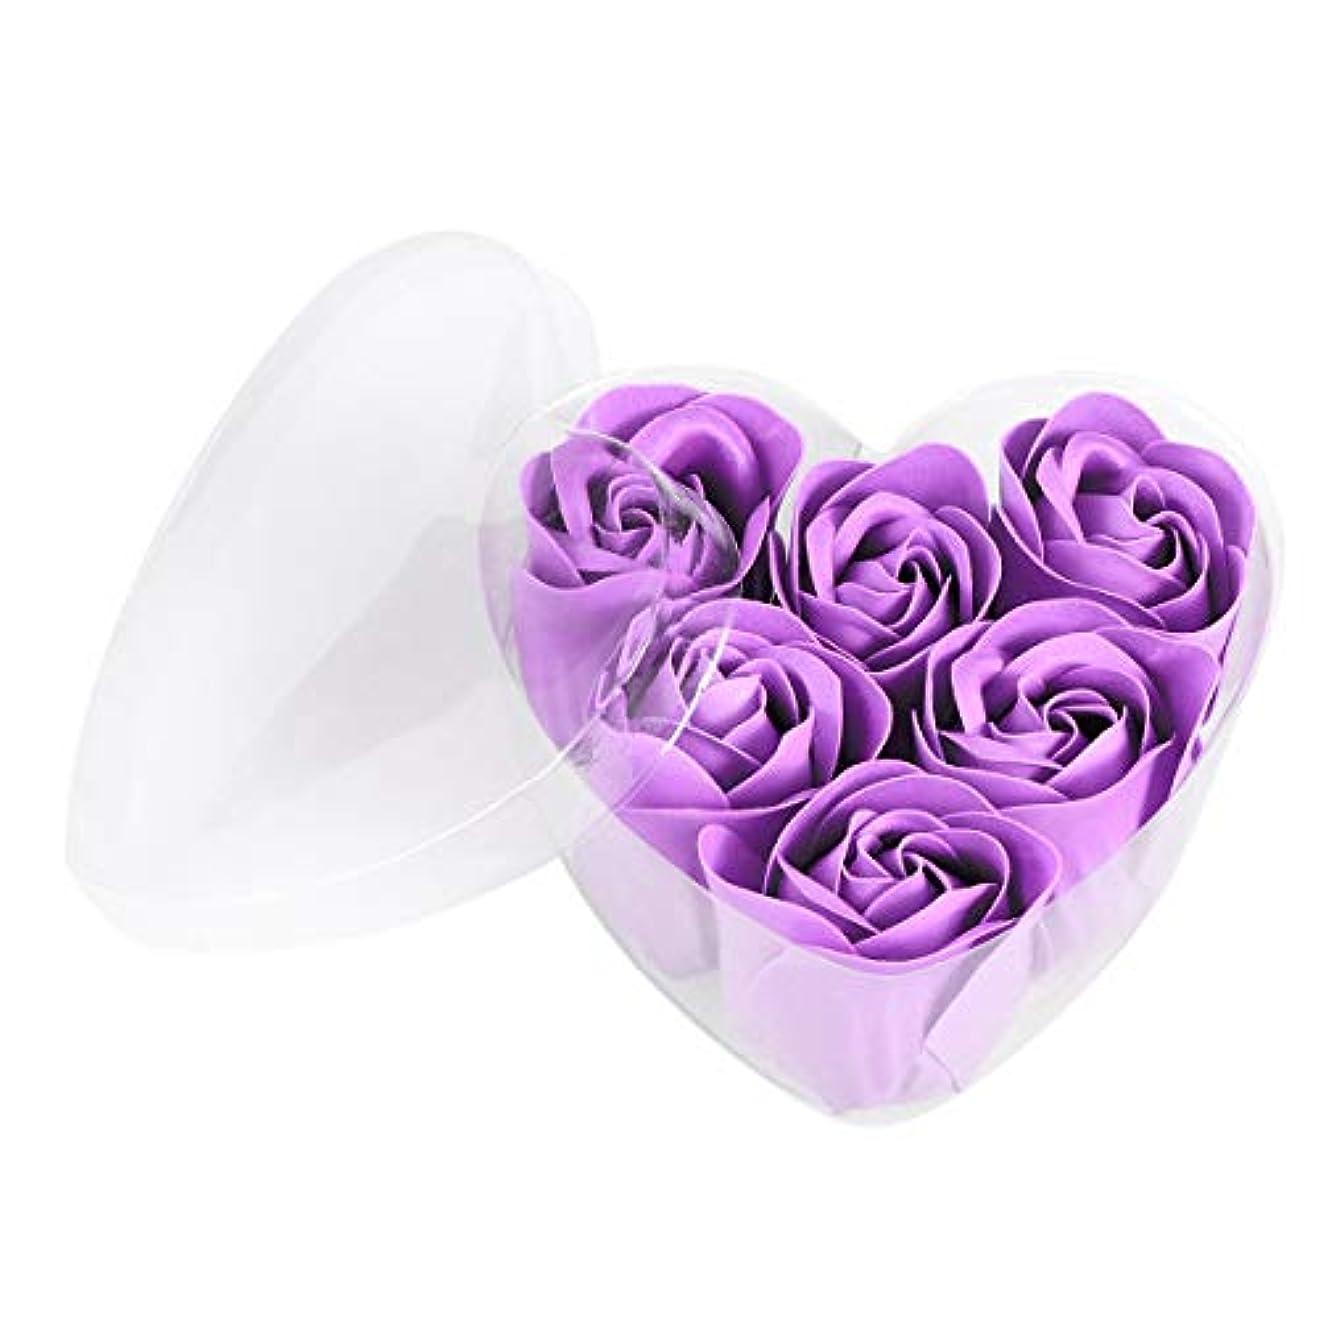 不愉快に割れ目結婚するFRCOLOR 6ピースシミュレーションローズソープハート型フラワーソープギフトボックス用誕生日Valentin's Day(紫)